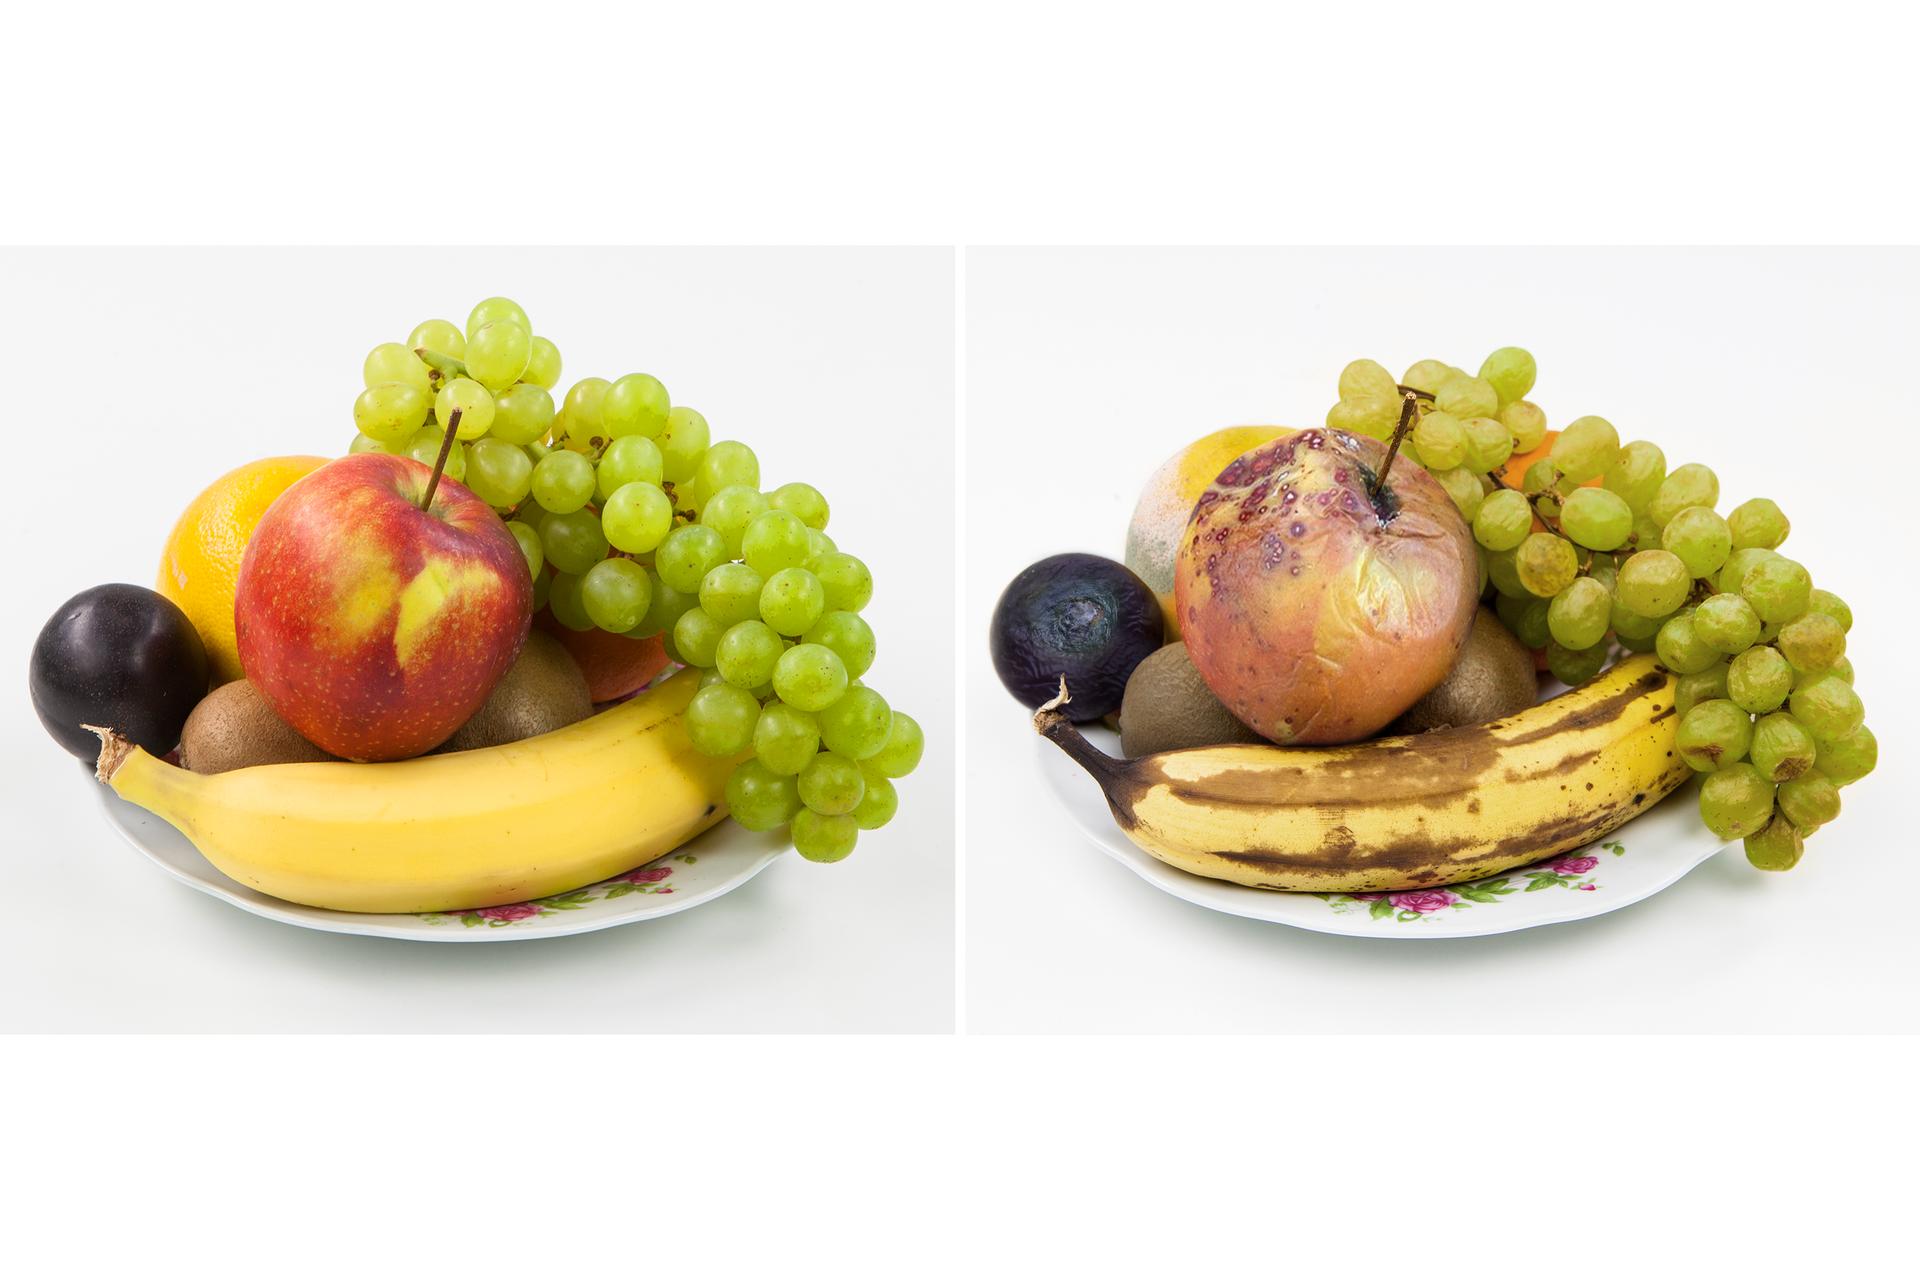 Ilustracja prezentuje dwa zdjęcia umieszczone obok siebie. Na zdjęciu zlewej prezentowany jest talerz ze świeżymi owocami. Jest tam banan, winogrona, śliwka, kiwi ipomarańcza. Na zdjęciu zprawej ten sam talerz ite same owoce, ale jakiś czas później. Wszystkie owoce są wyraźnie nadpsute.